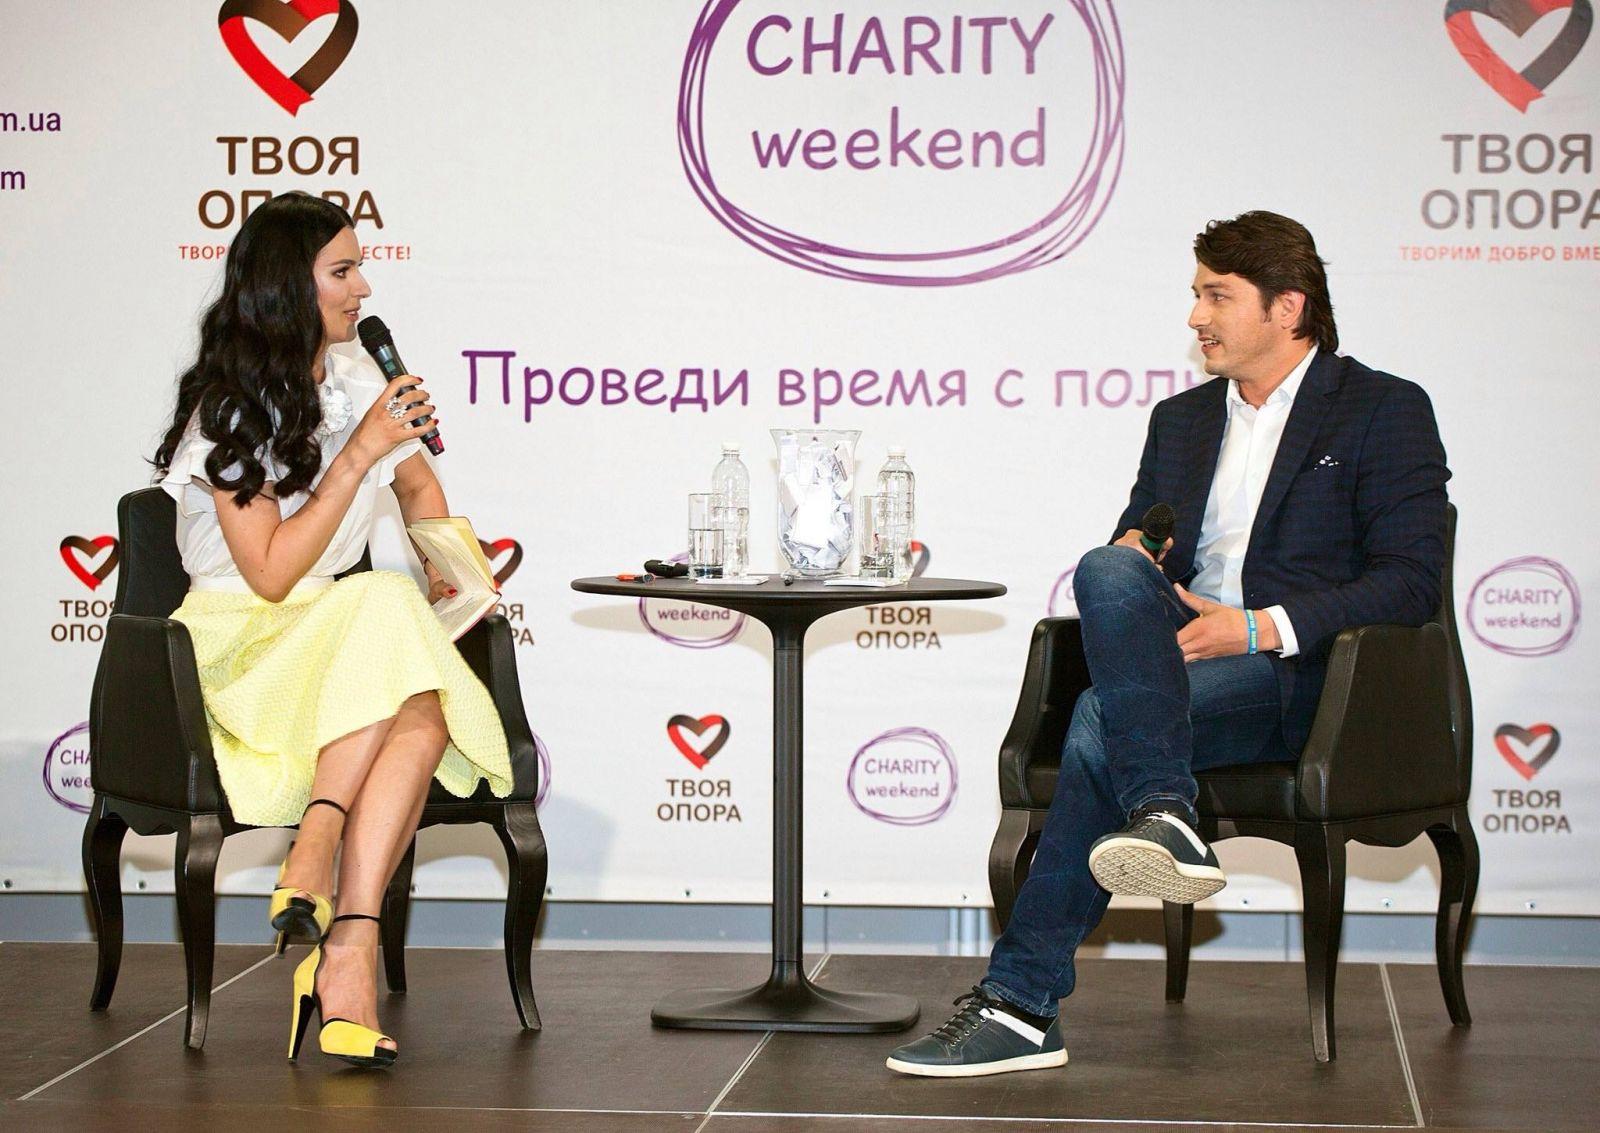 Сергей Притула: интервью о семье и воспитании сына